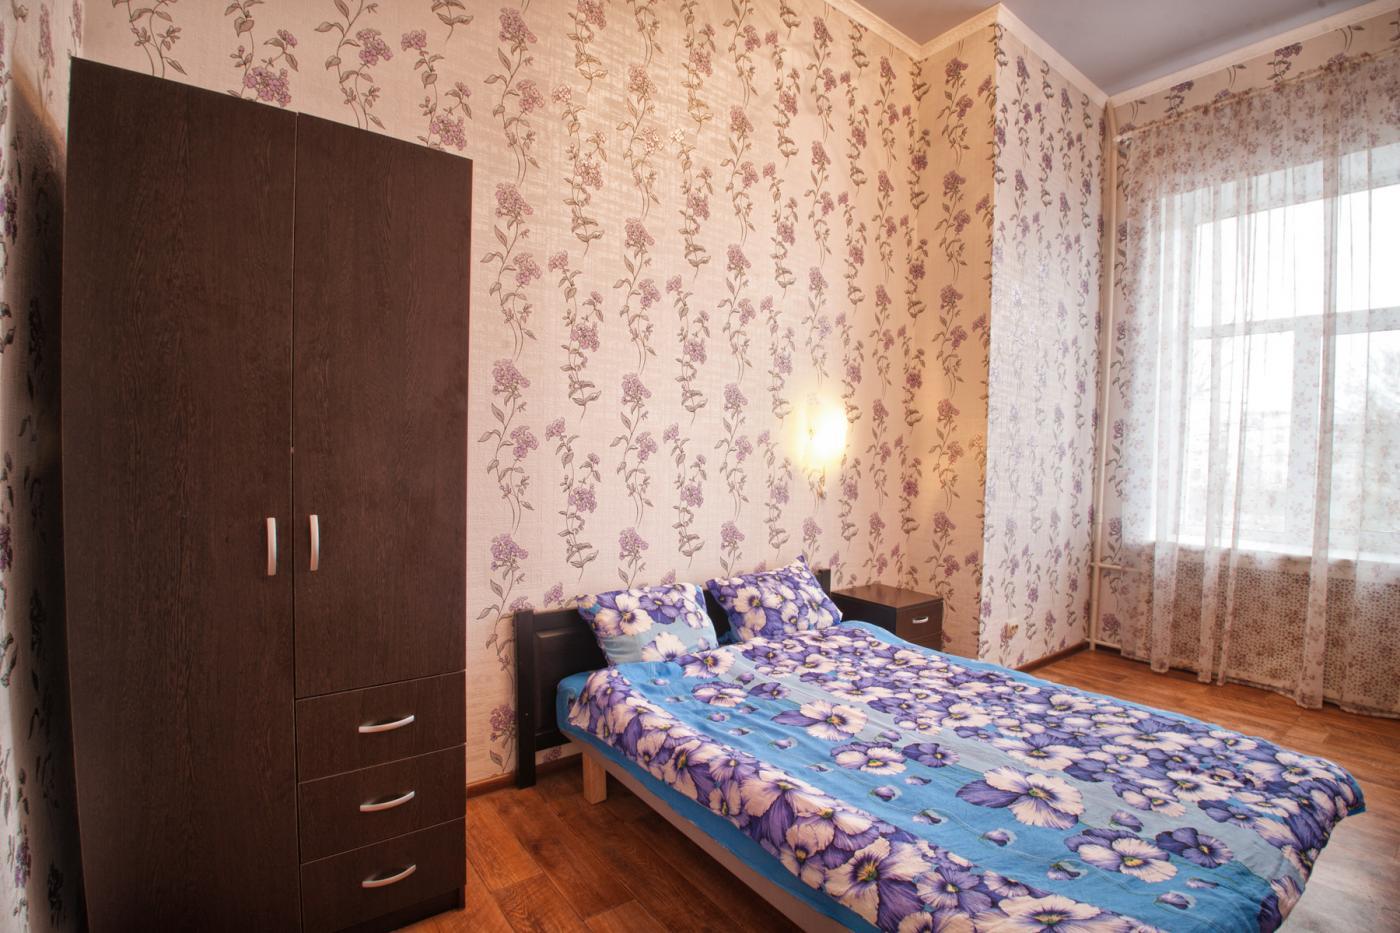 3-комнатная квартира посуточно (вариант № 1194), ул. Дзержинского улица, фото № 4